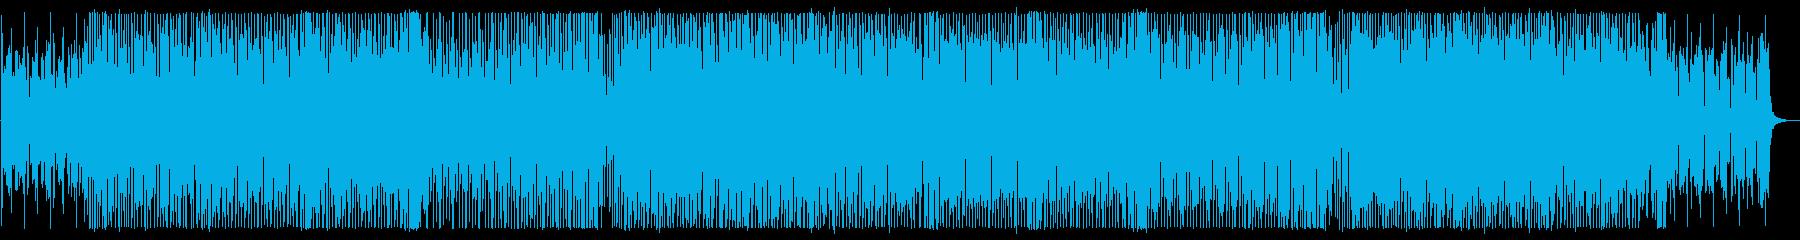 ポップなテクノサウンドの再生済みの波形